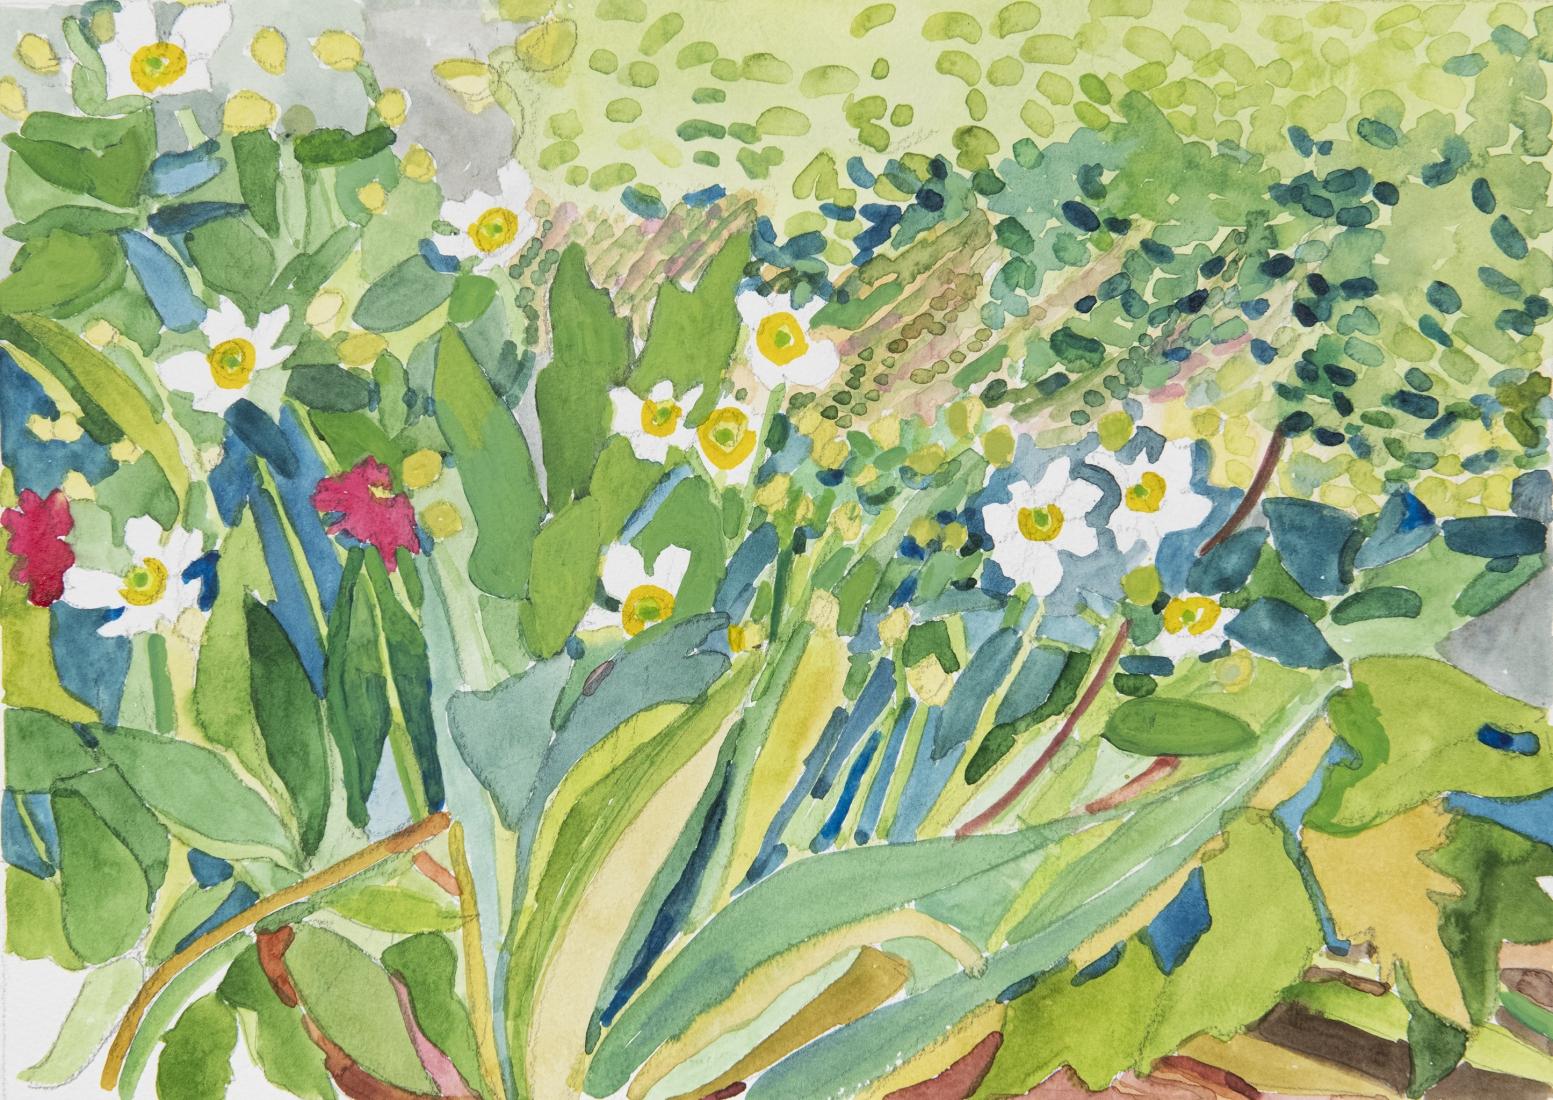 Pamela Sztybel (American, b. 1956) Flowers 7, 2020    Watercolor on paper 12 x 18 in. (30.5 x 45.7 cm)